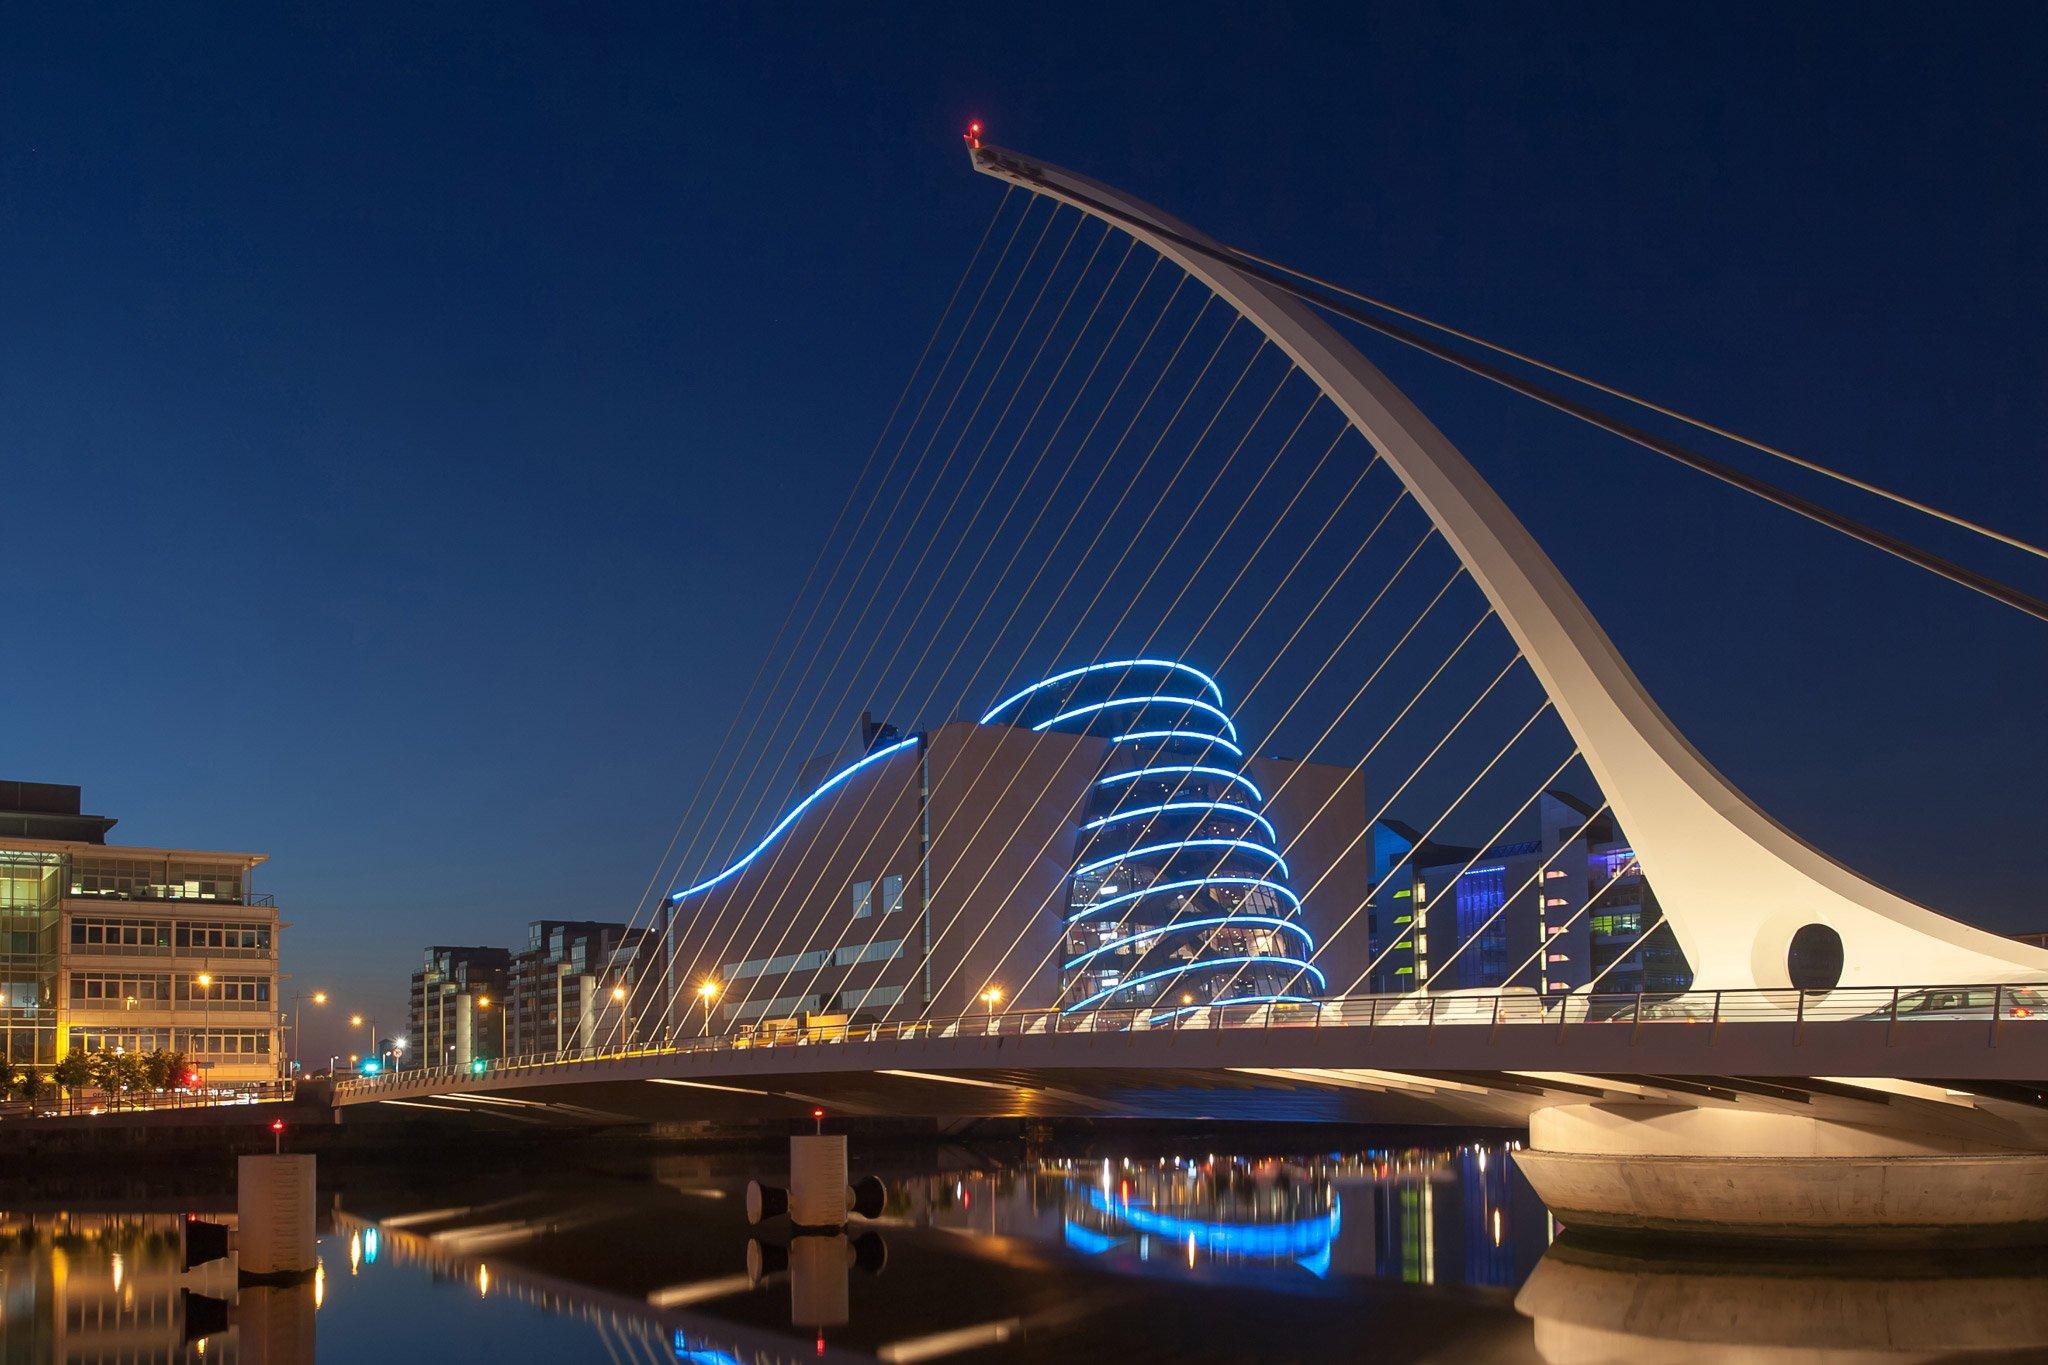 dublin-Wide-angle-view-of-Samuel-Beckett-Bridge,-Dublin-179060782_2912x4368